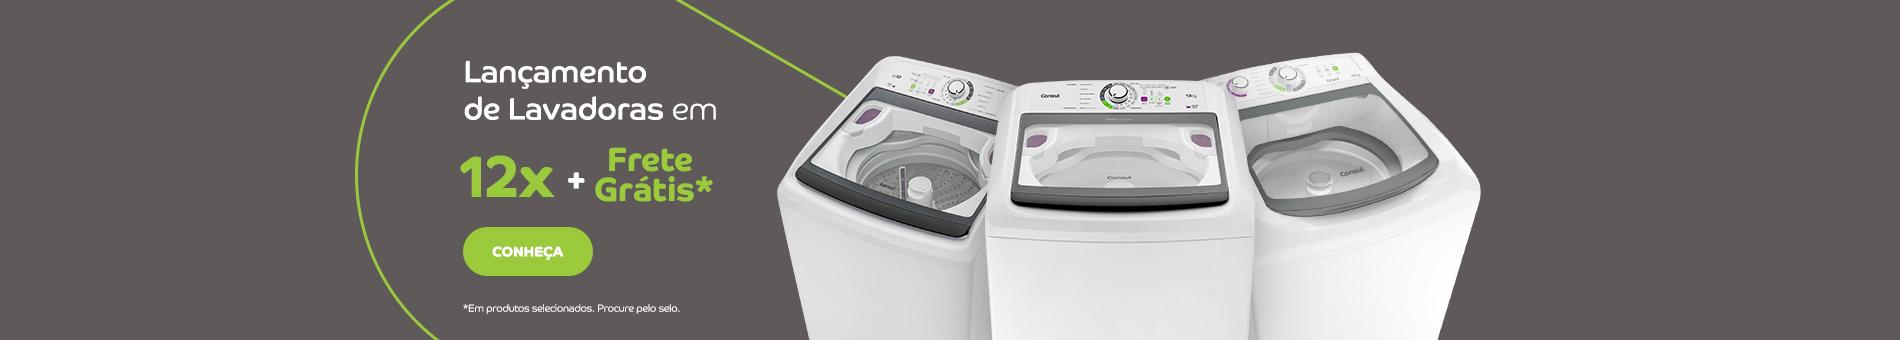 Promoção Interna - 2155 - camp-ehoje_lancamento-lavadoras_18102017_home6 - lancamento-lavadoras - 6